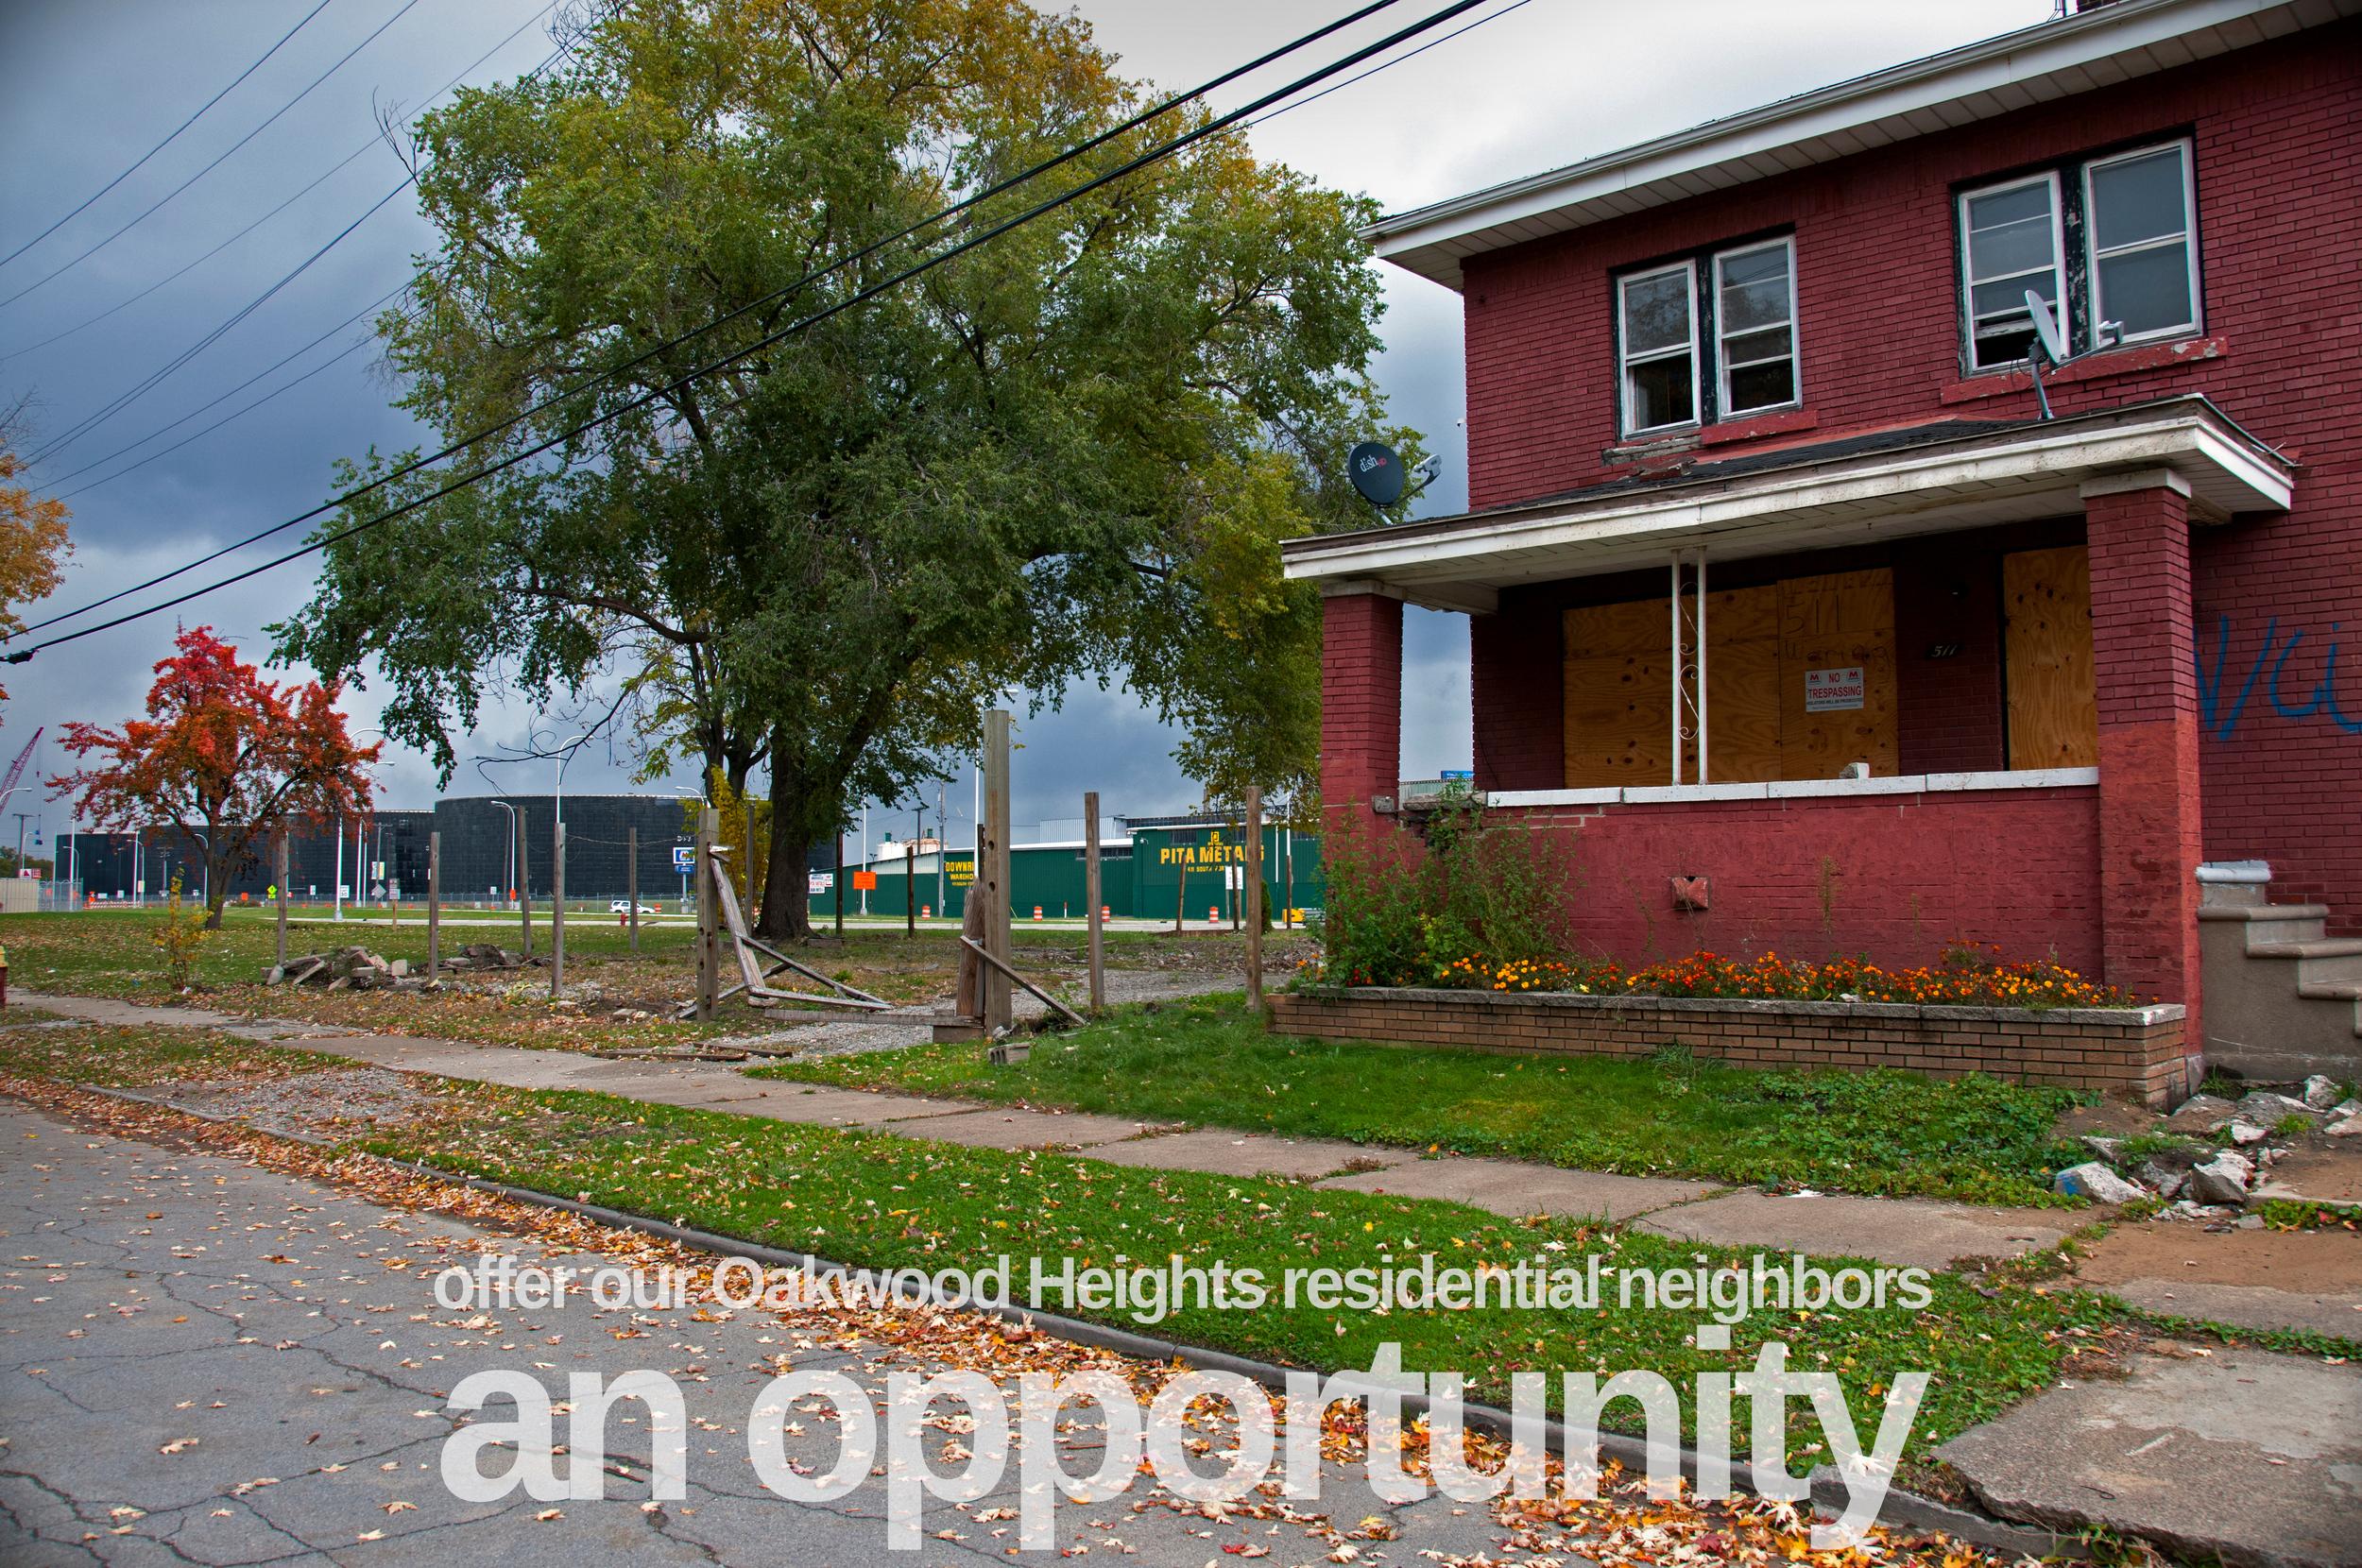 30-House%2BTanks-An+Opportunity-3578945951-O.jpg